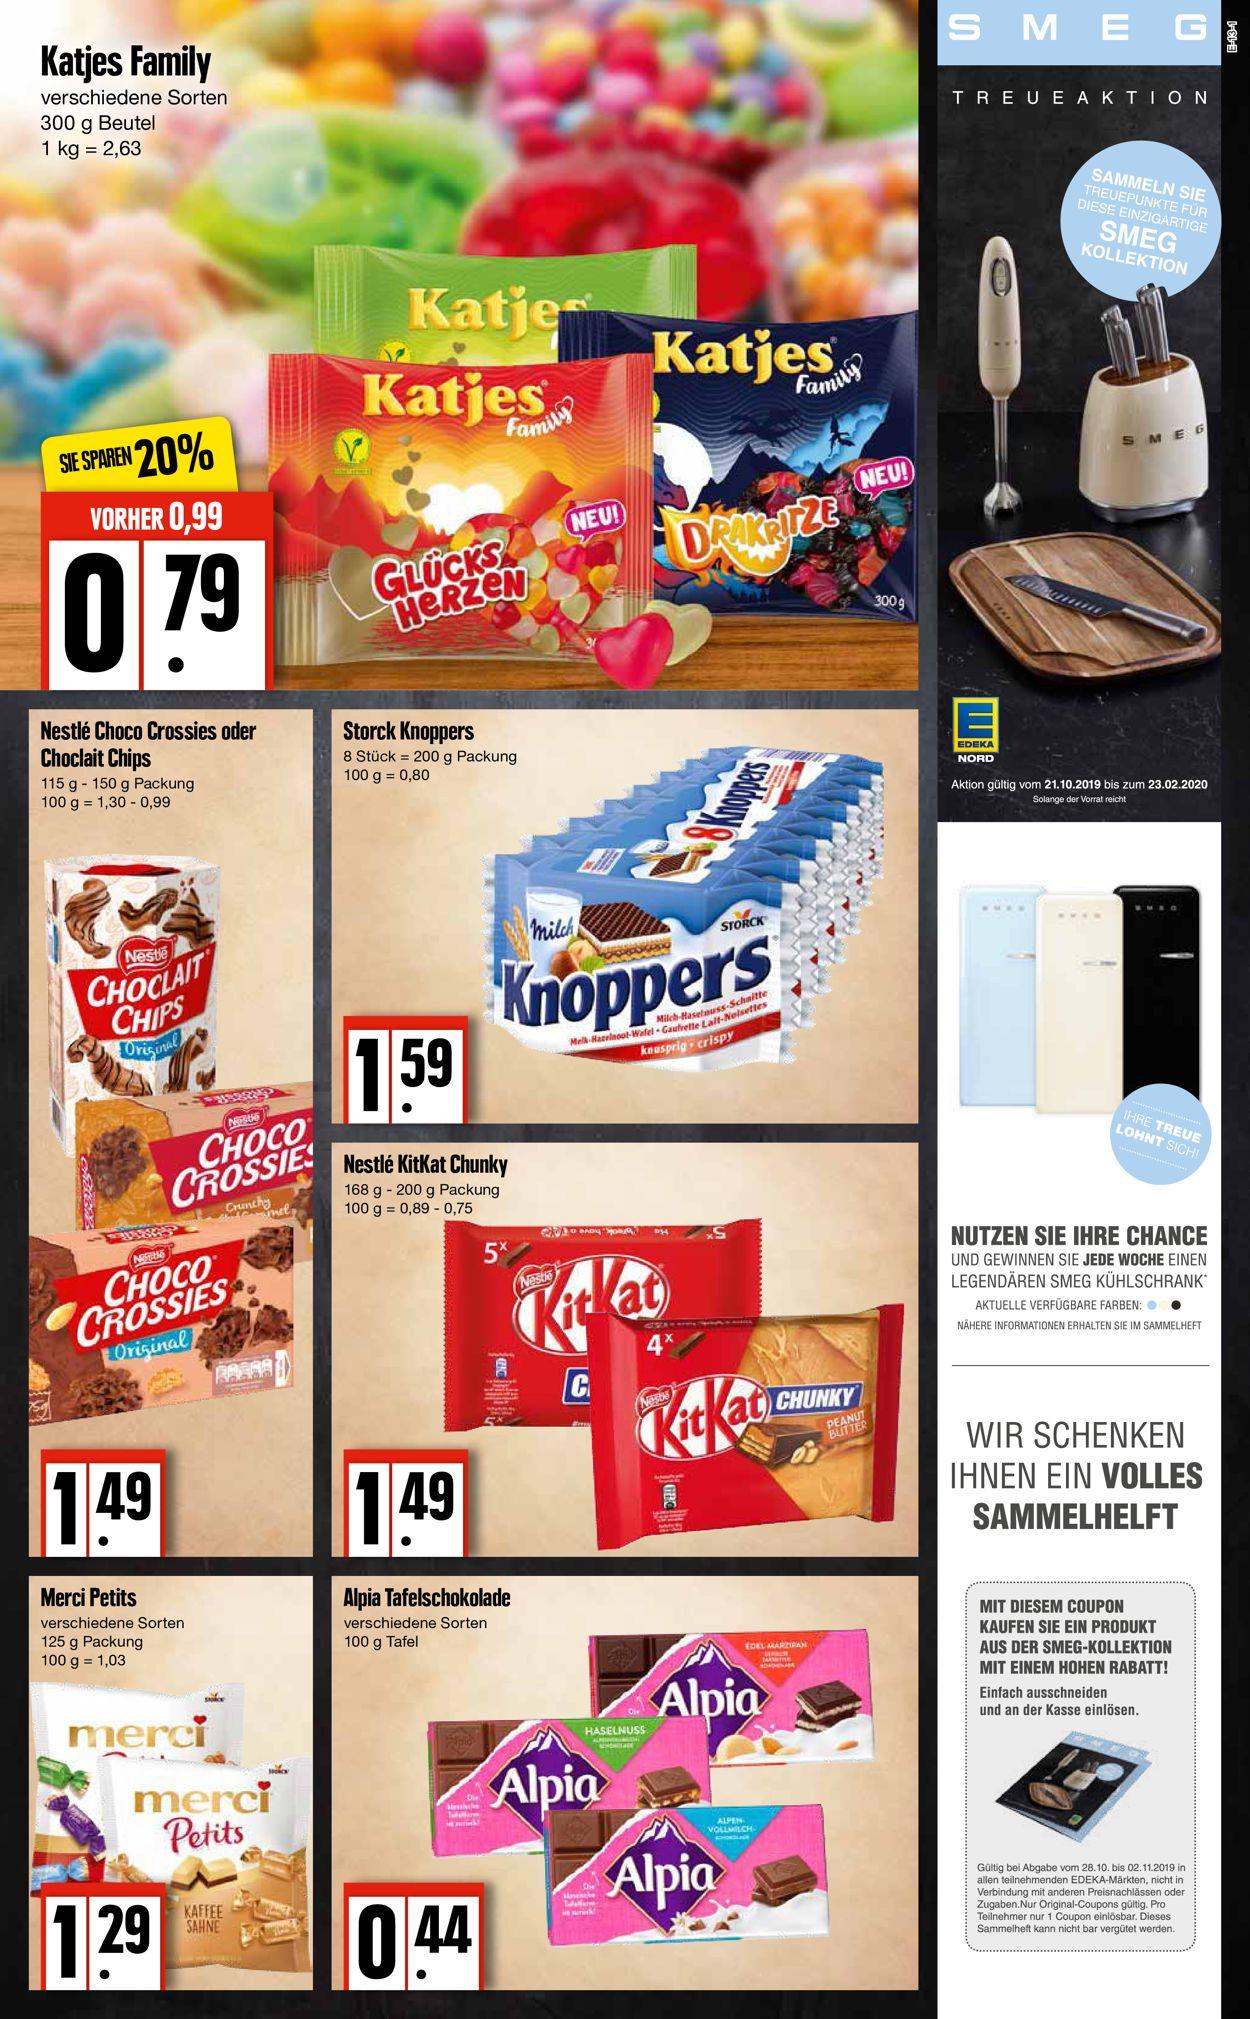 www.kitkat.de gewinncode